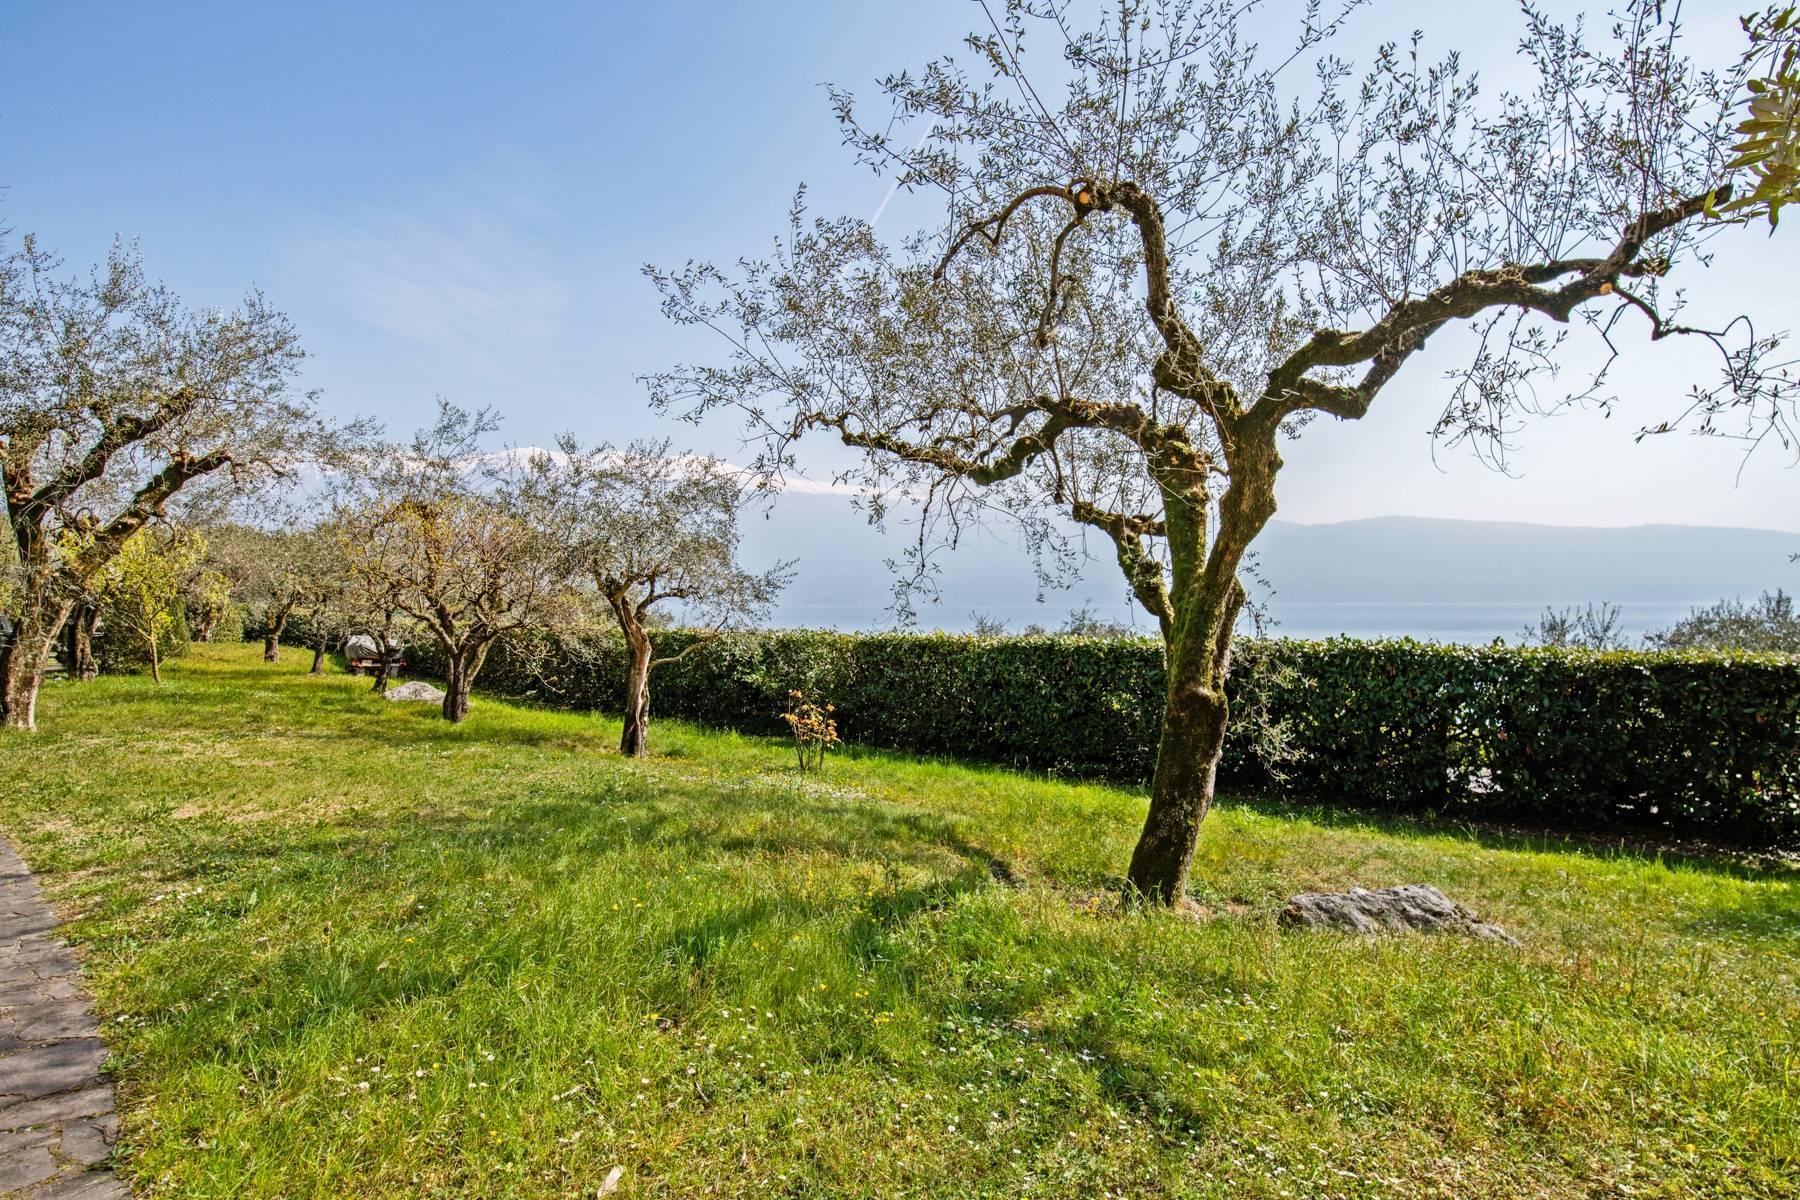 Villa in Gargnano inmitten der Olivenbäume vom Gardasee mit herrlichem Seeblick - 24